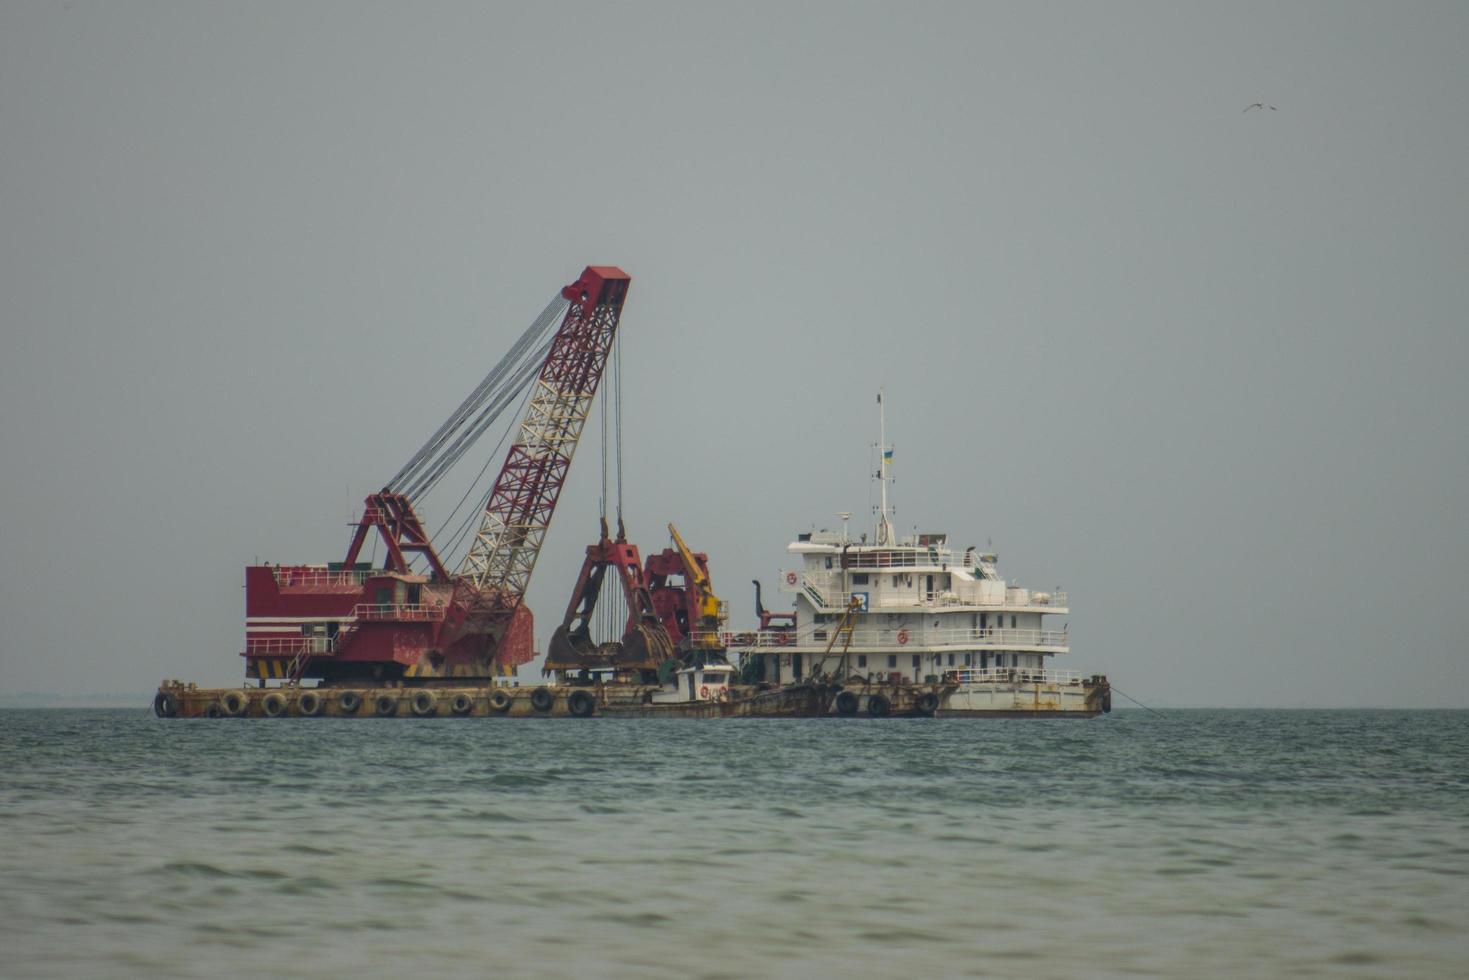 La grúa flotante y el buque de carga están trabajando en el mar. foto